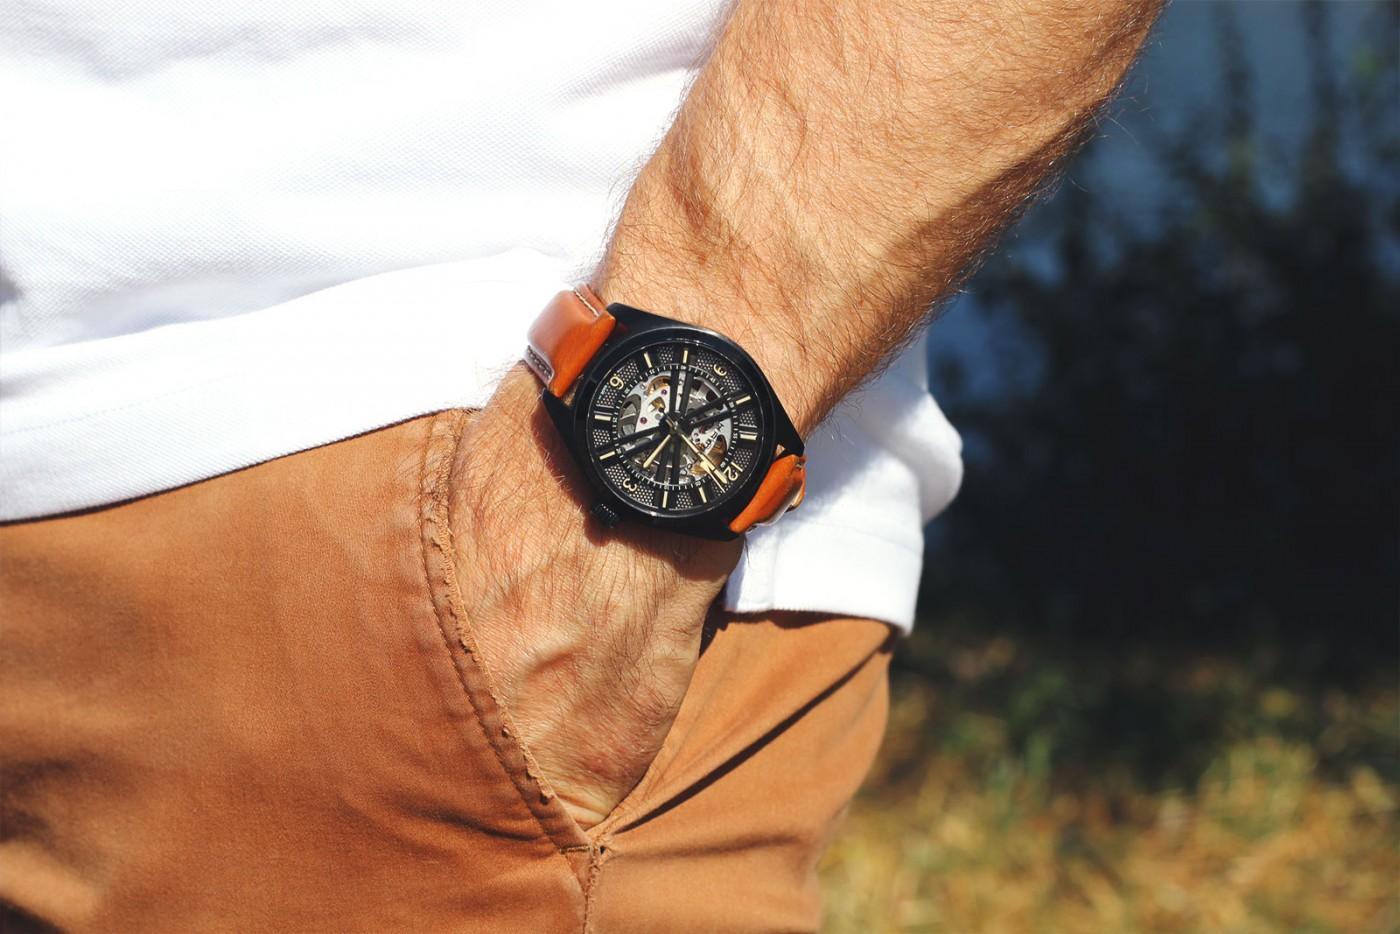 Horlogerie : la montre à coeur ouvert